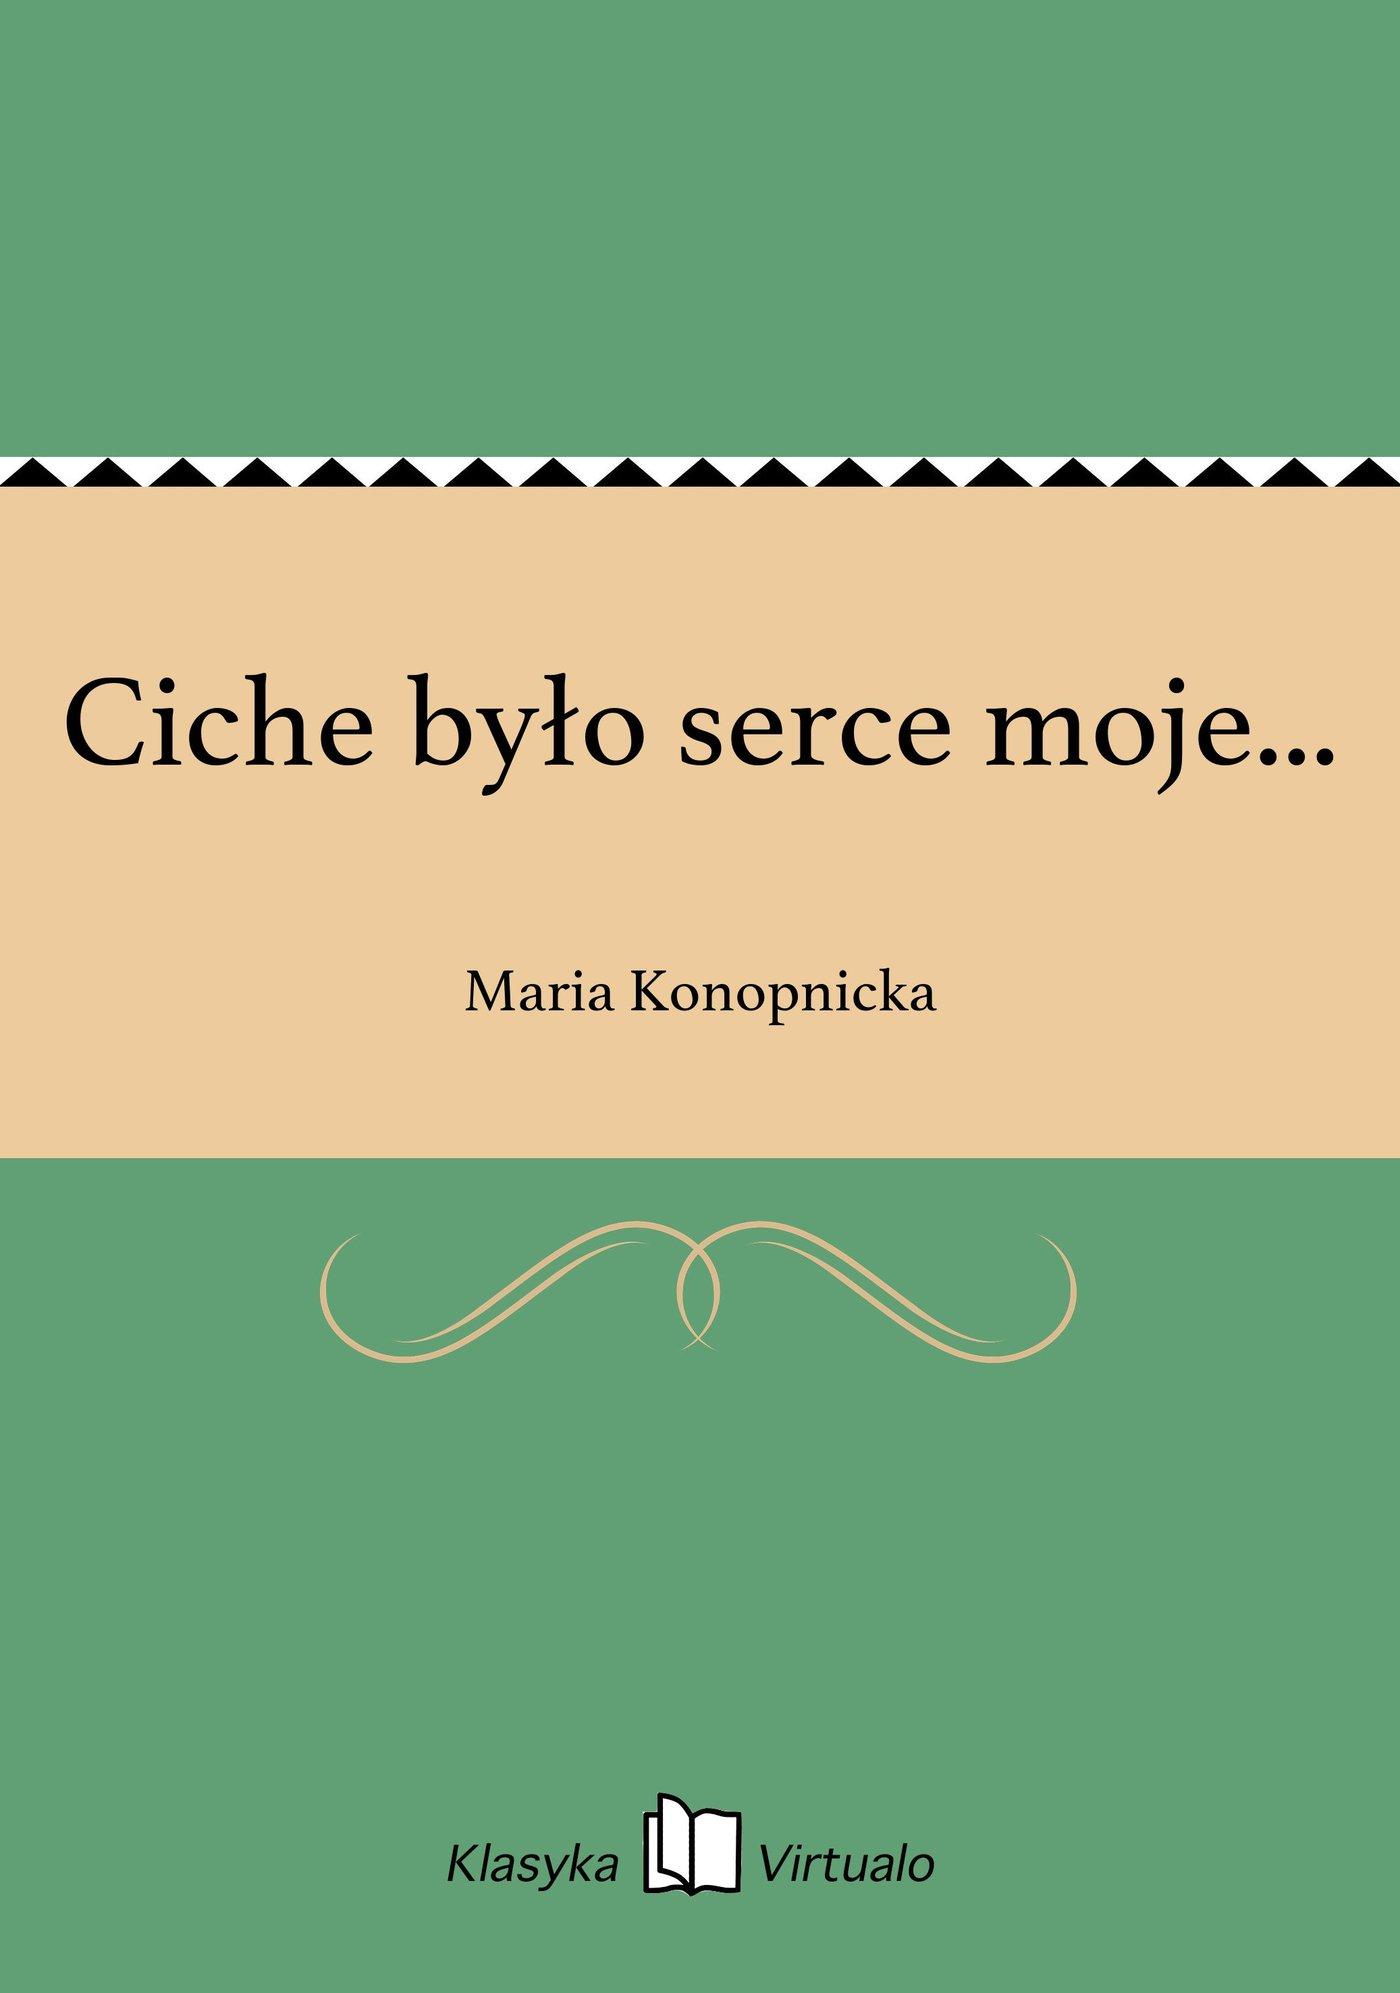 Ciche było serce moje... - Ebook (Książka na Kindle) do pobrania w formacie MOBI